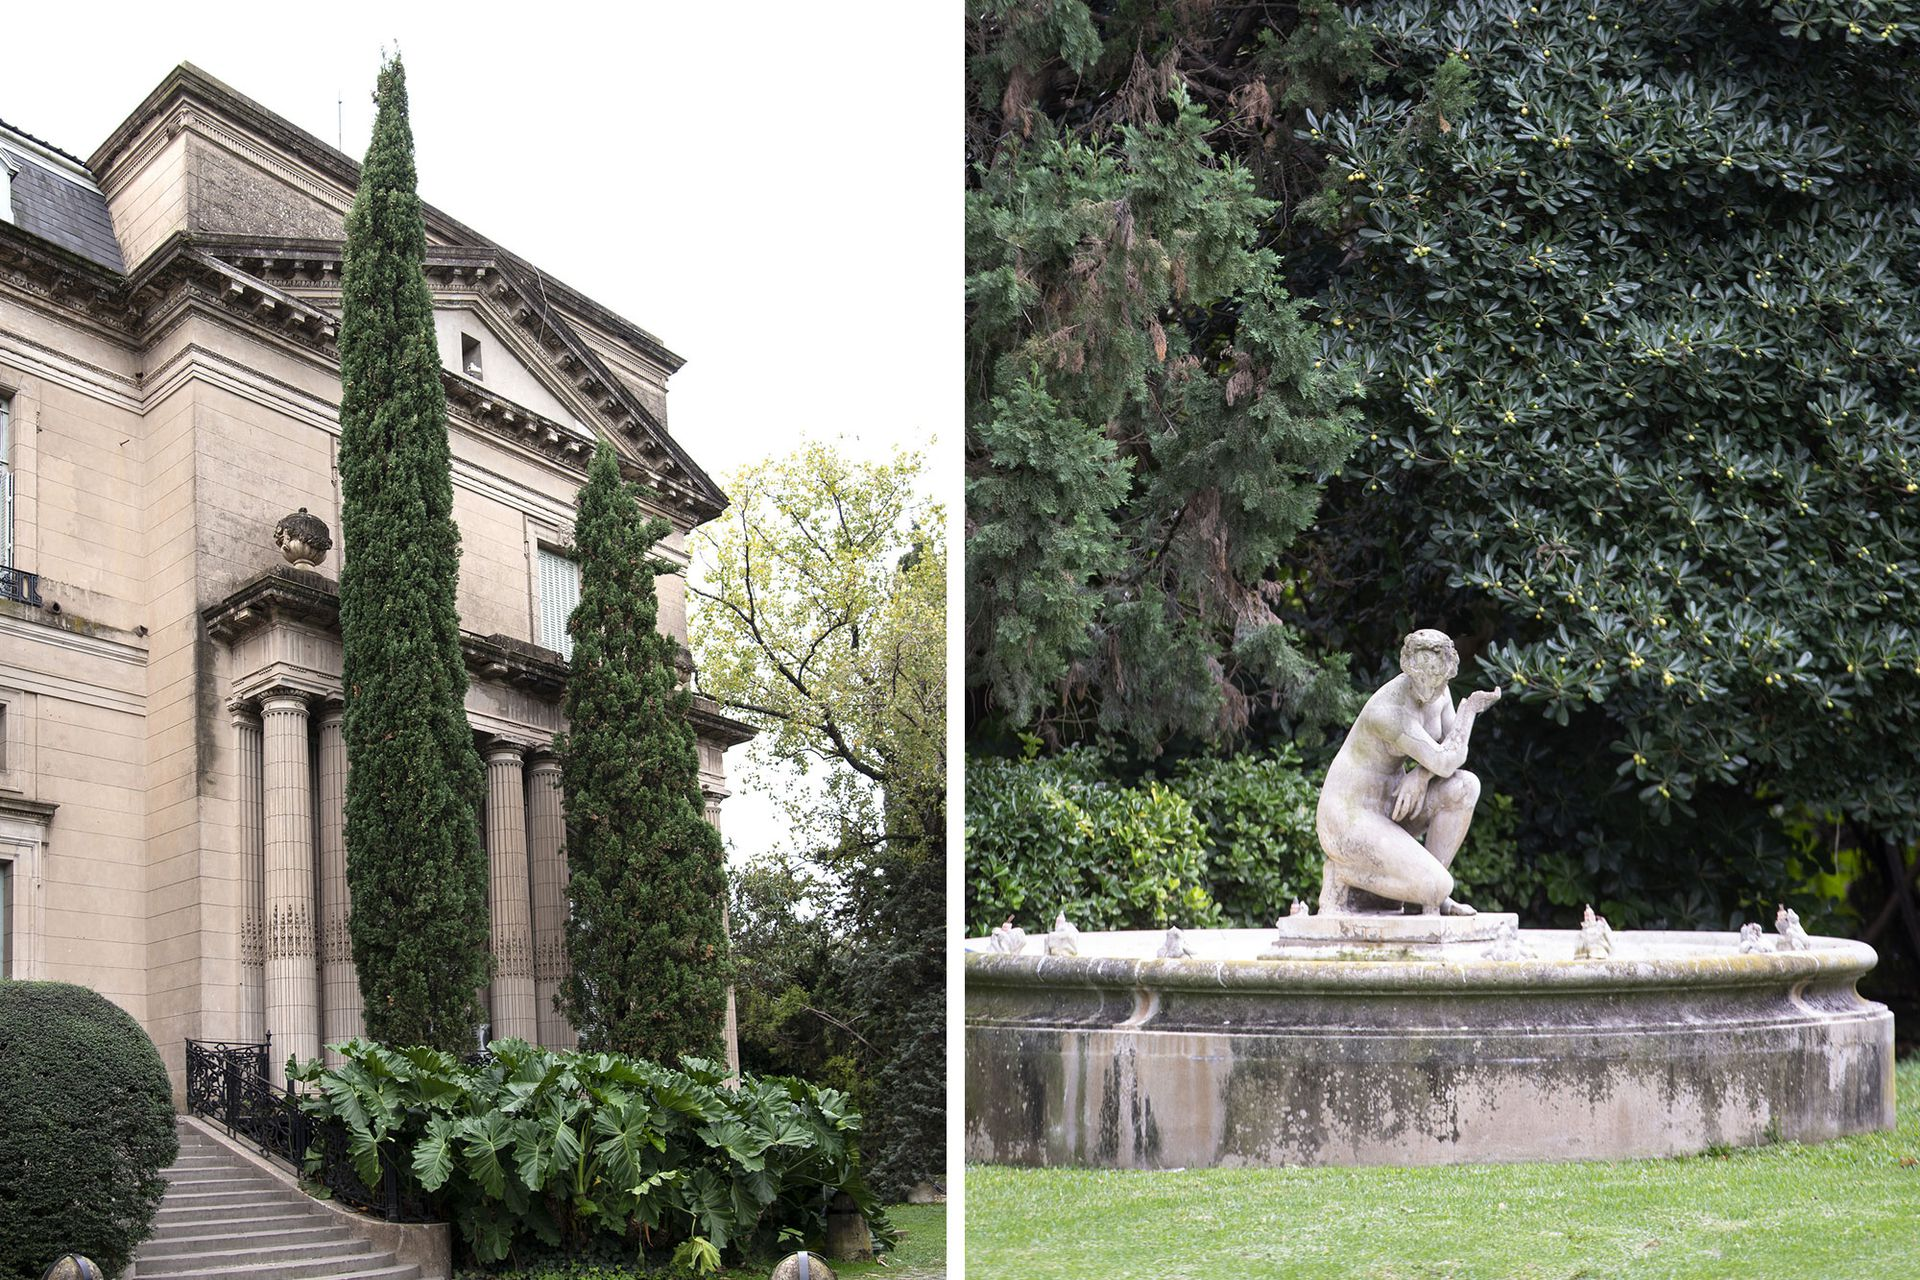 Fuentes y esculturas marcan el caracter de la Belle Époque.